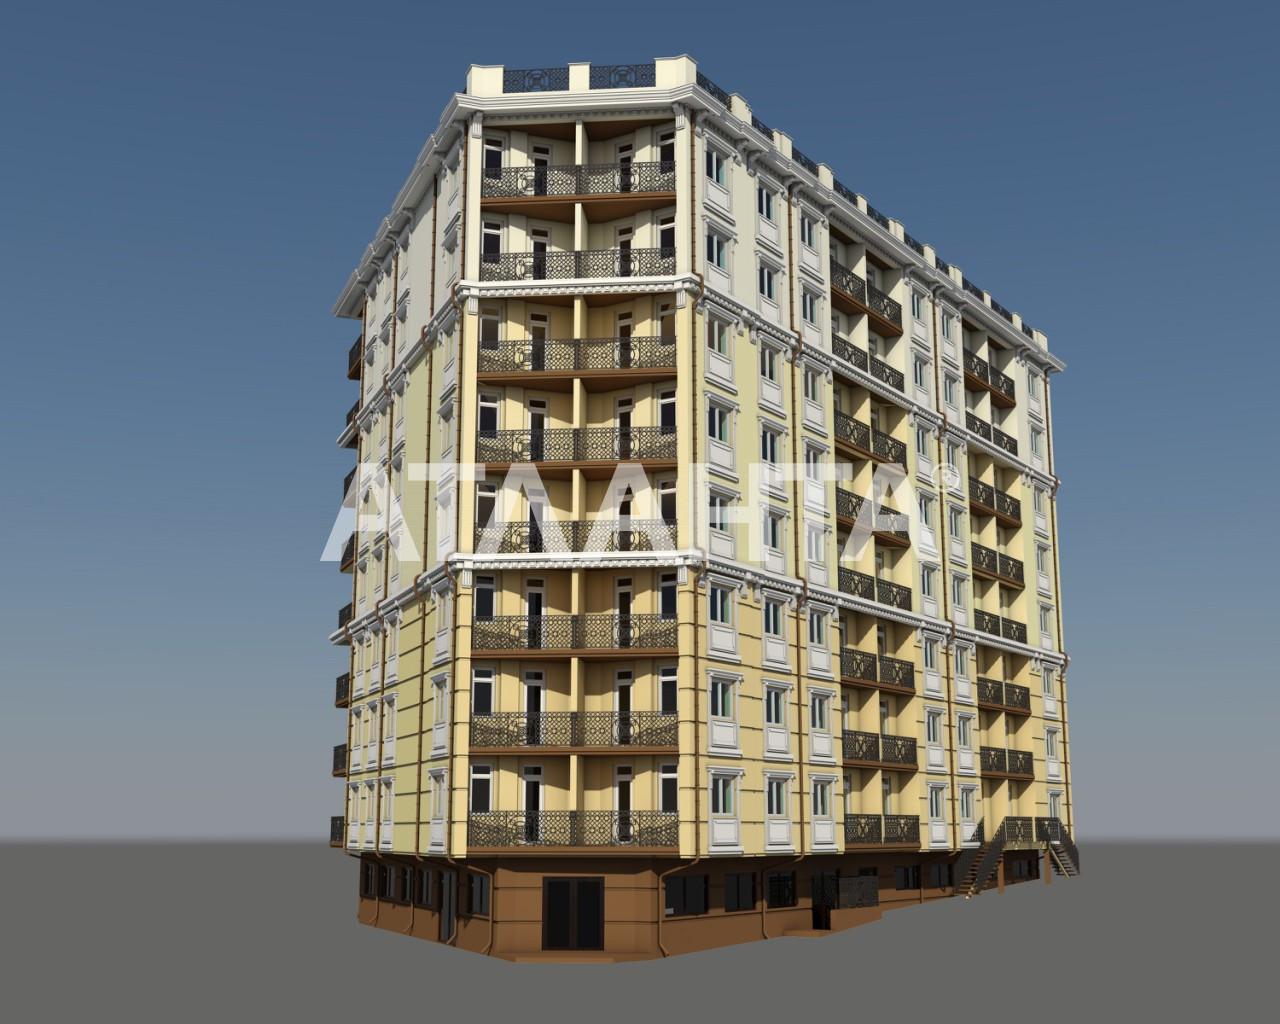 Продается 1-комнатная Квартира на ул. Новосельского (Островидова) — 46 520 у.е. (фото №3)